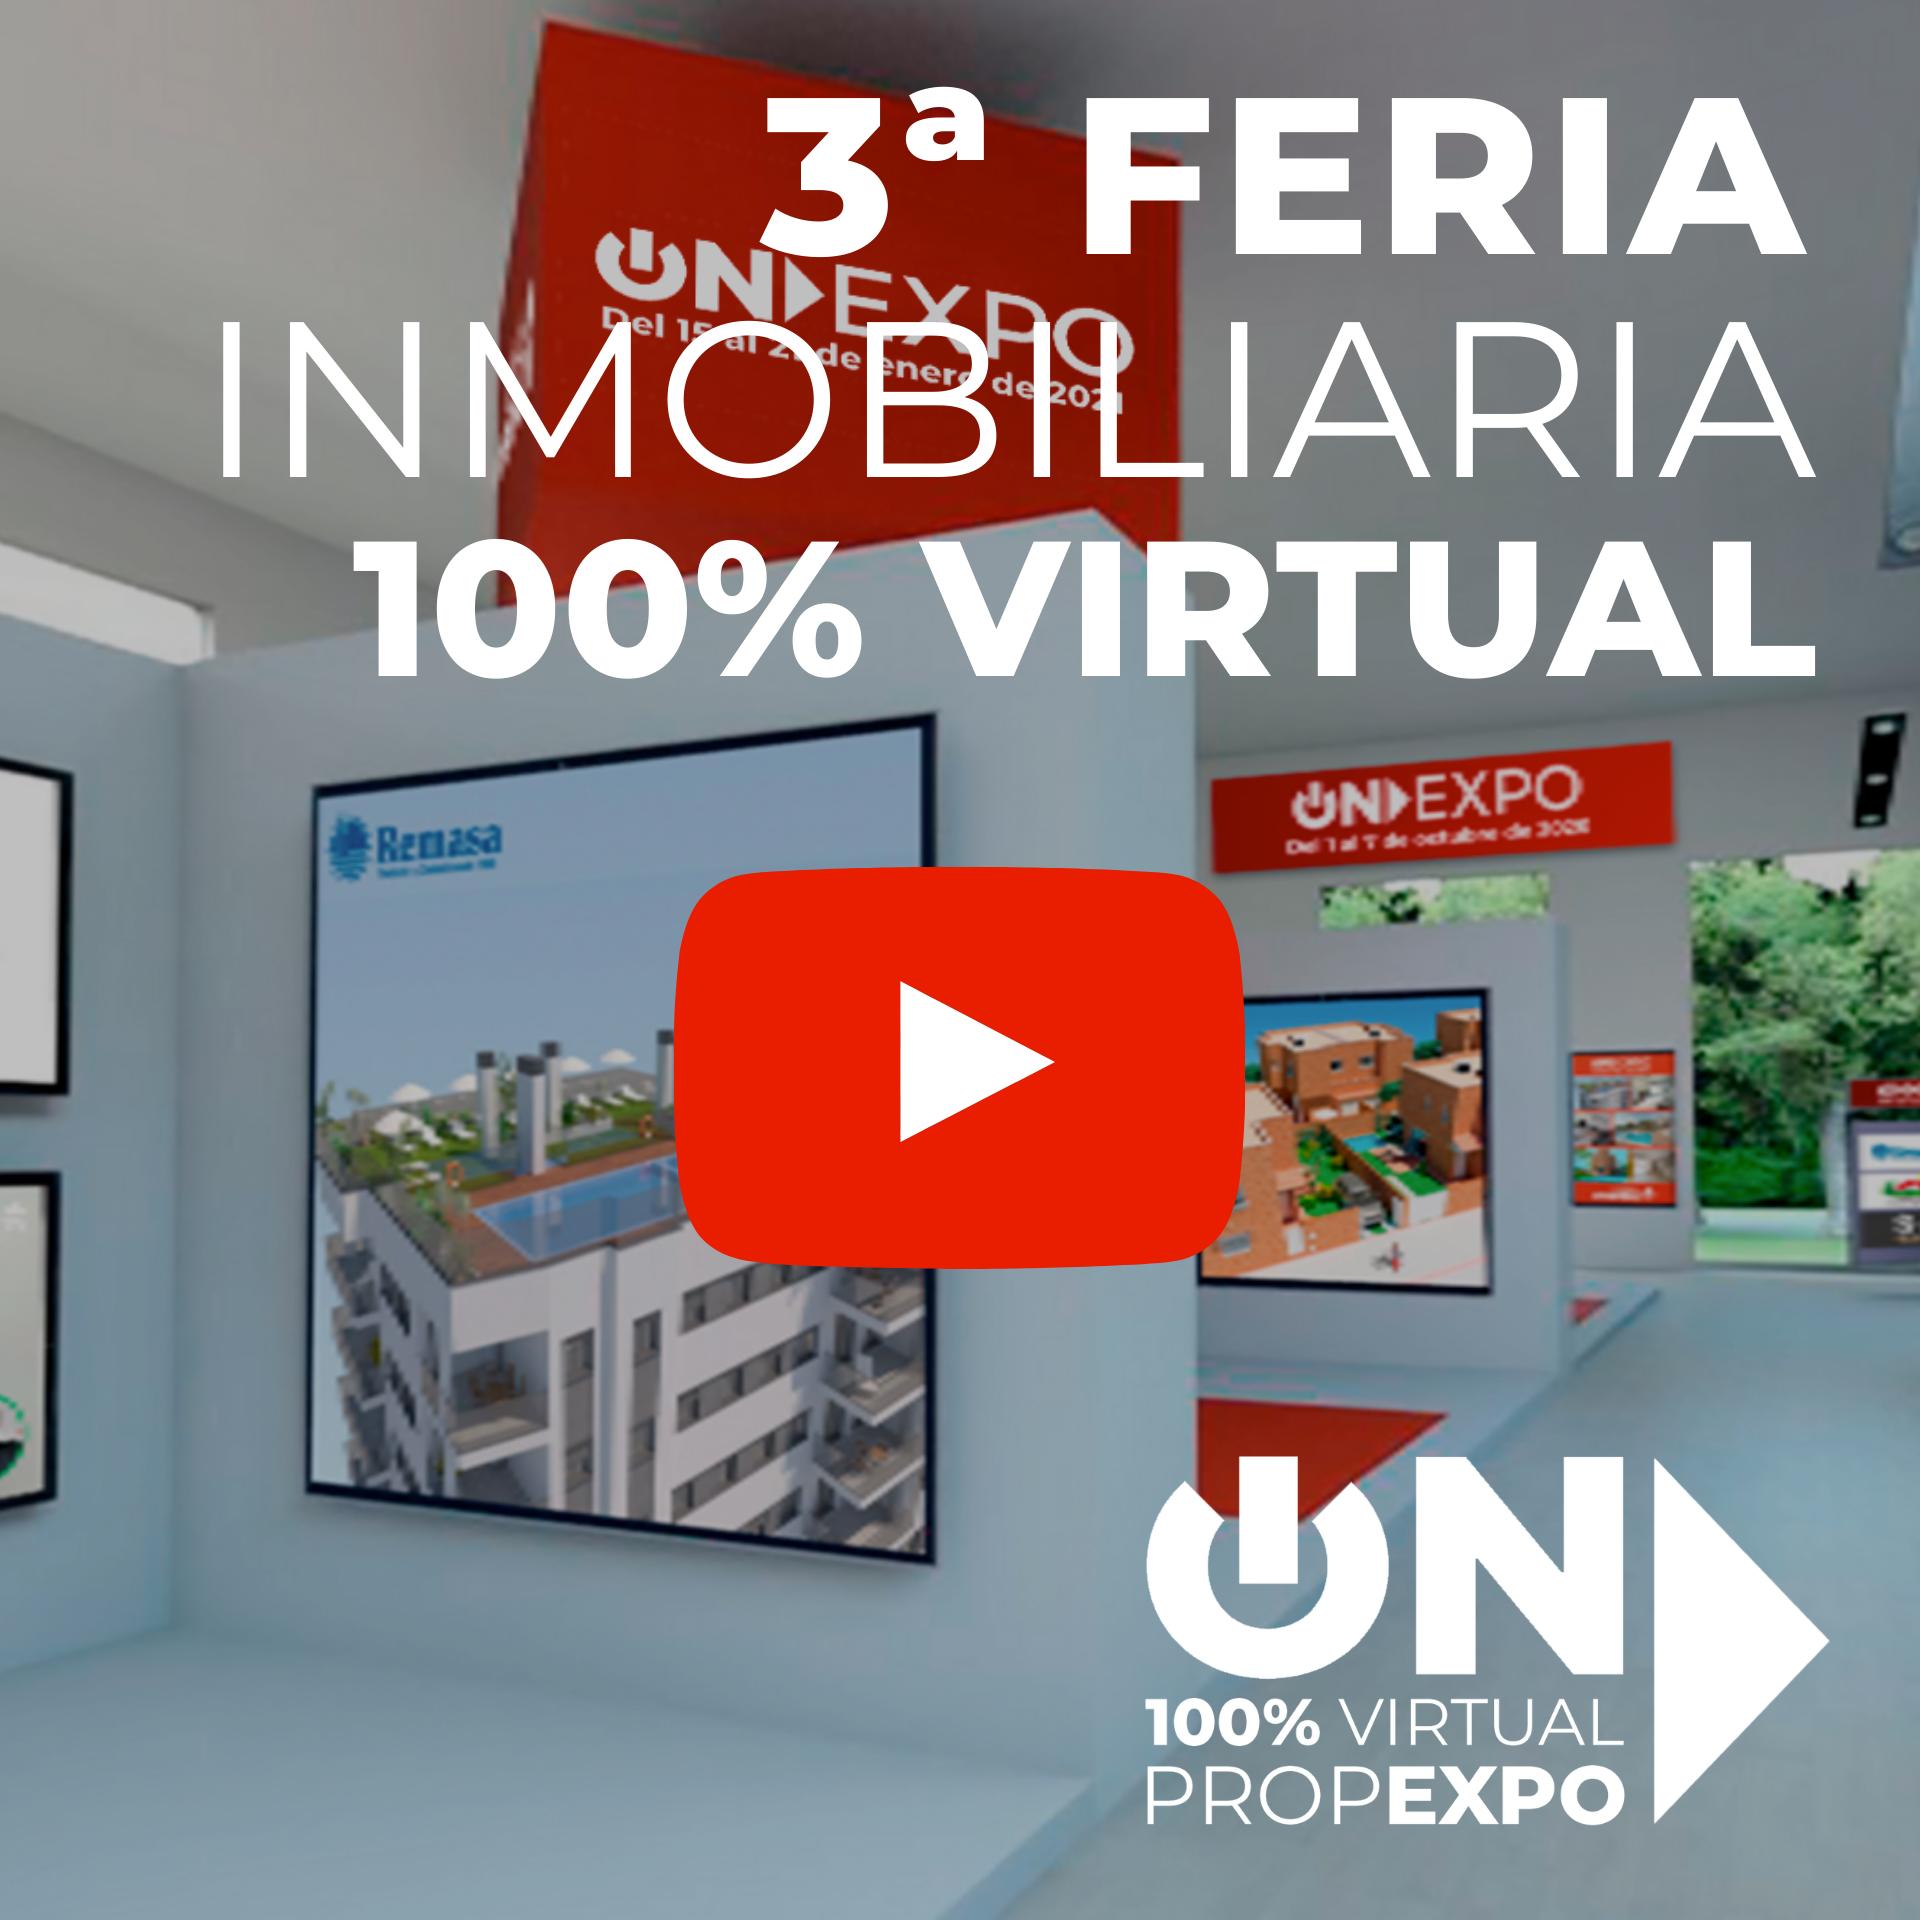 Feria Inmobiliaria Virtual ONEXPO®